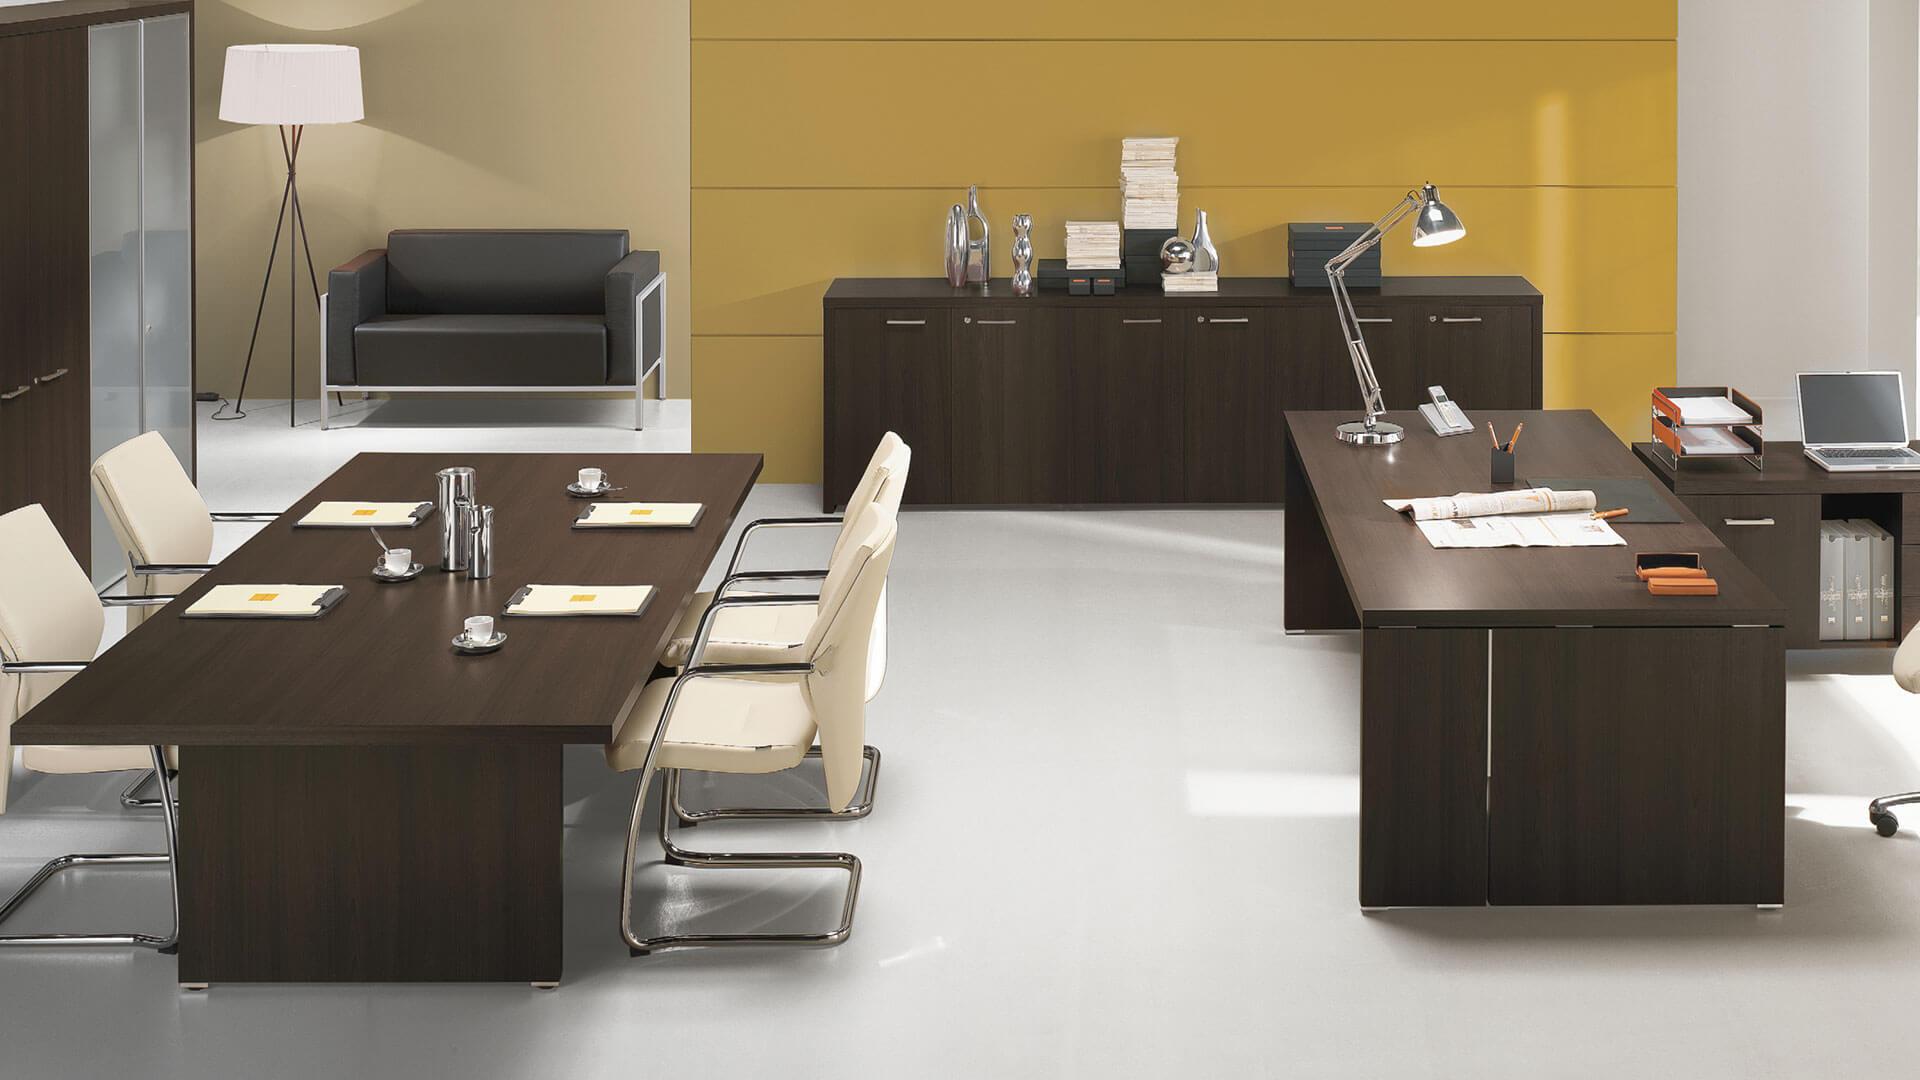 Pareti mobili per ufficio i programmi di pareti mobili per ufficio di lcm sono progettati per risolvere le molteplici esigenze degli uffici moderni. Delta Evo Mobili Per Ufficio Giannone Computers